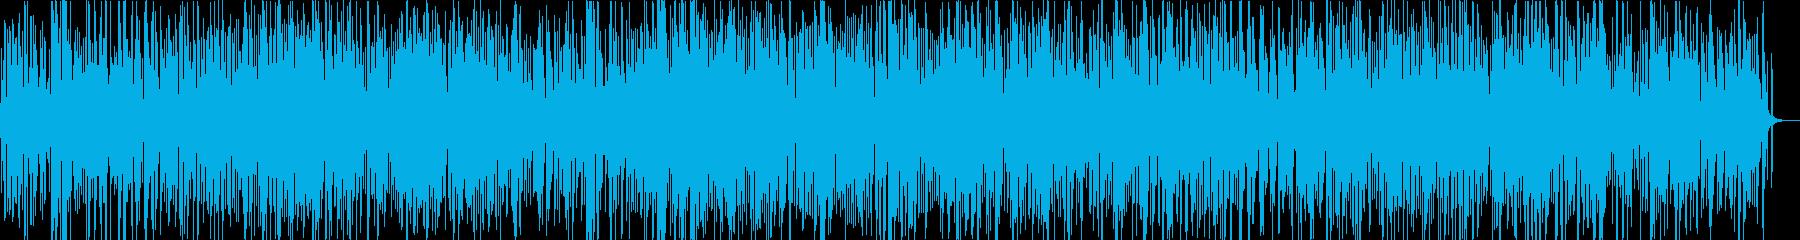 雰囲気のあるジャズの再生済みの波形